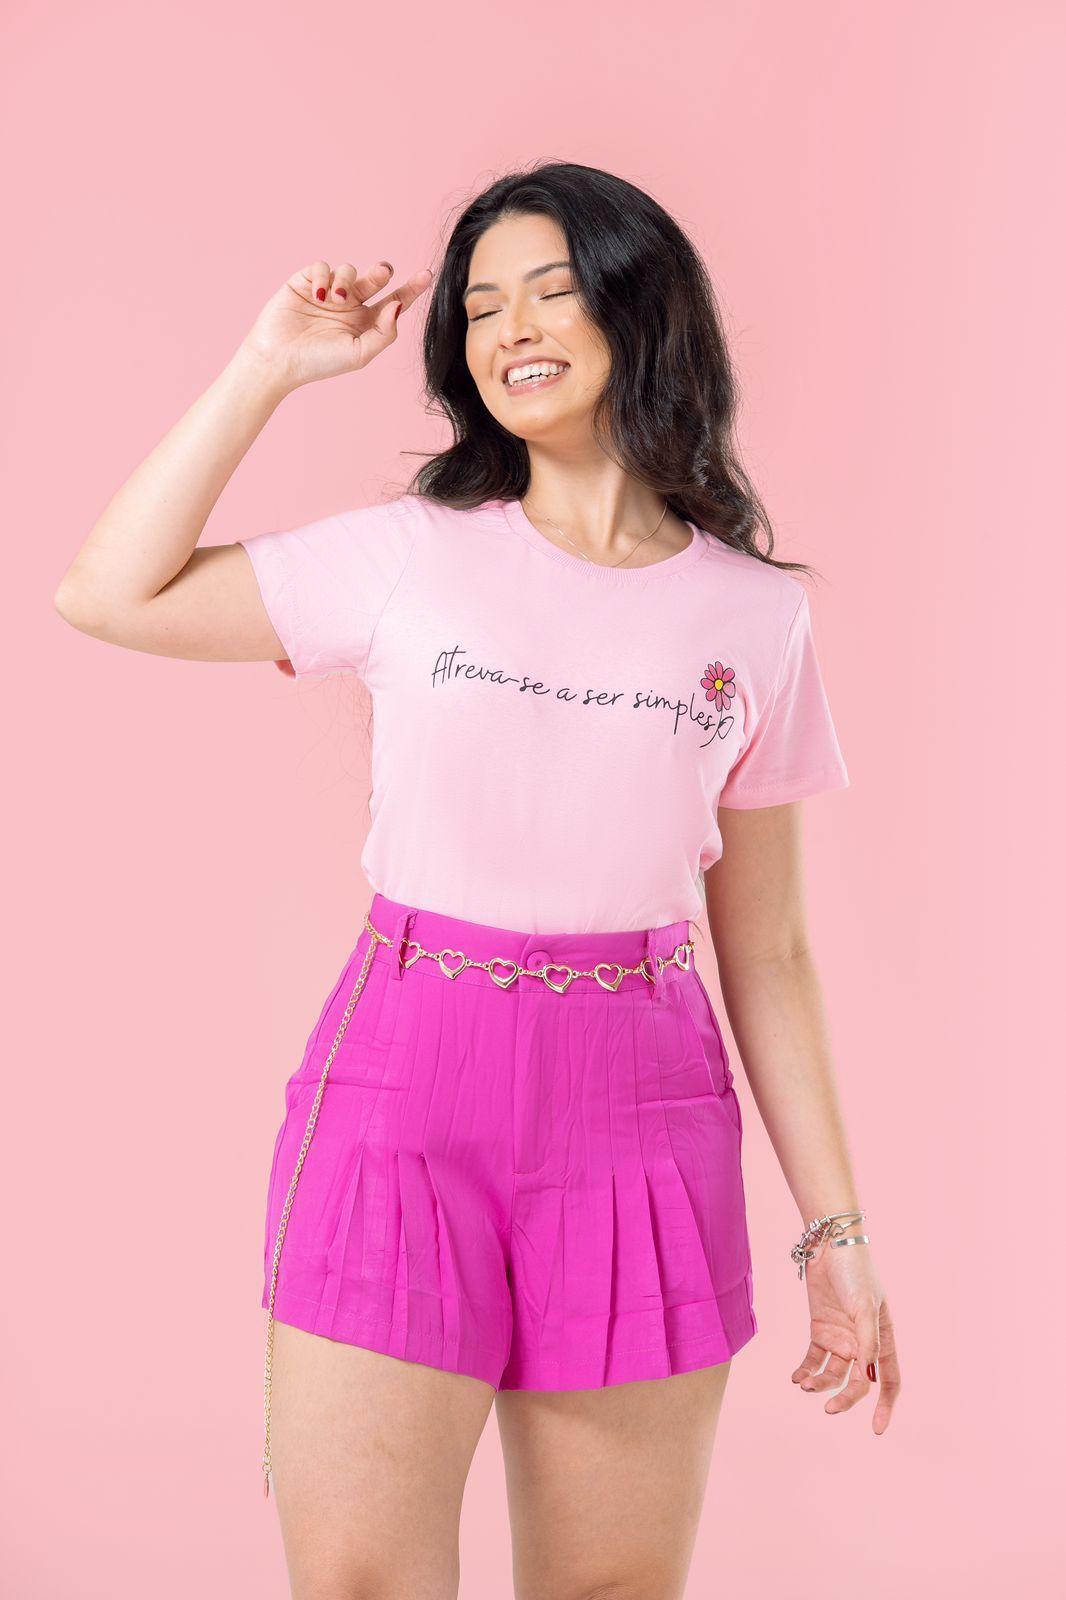 Diniz T-shirts feminina - Atreva-se a ser simples